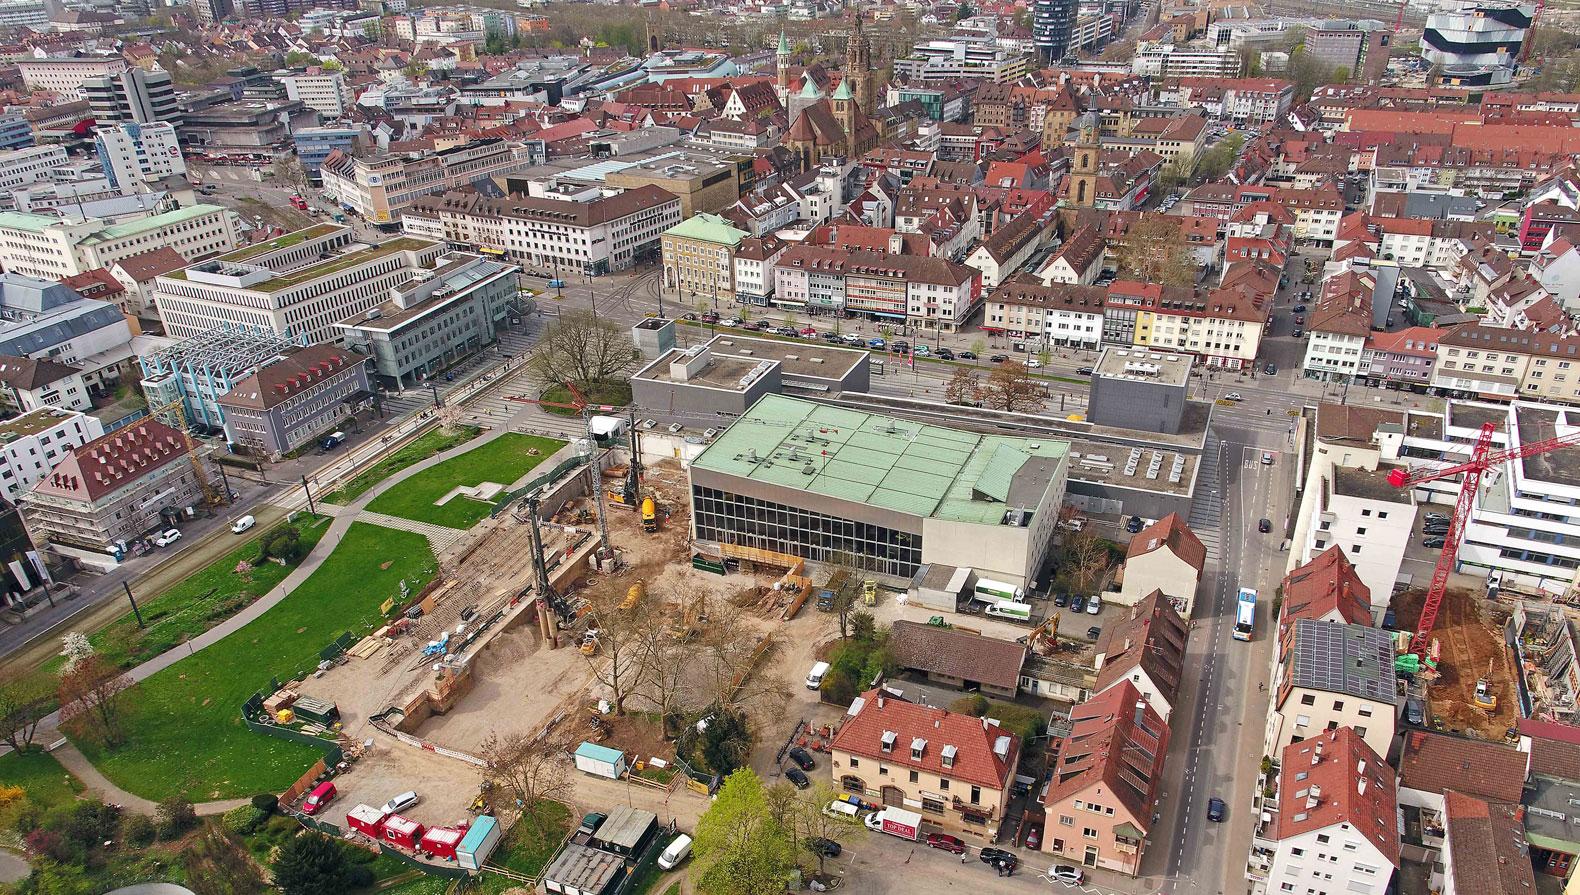 Die Baustelle im April 2018 mit Blick auf den Stadtgarten und die Innenstadt von Heilbronn